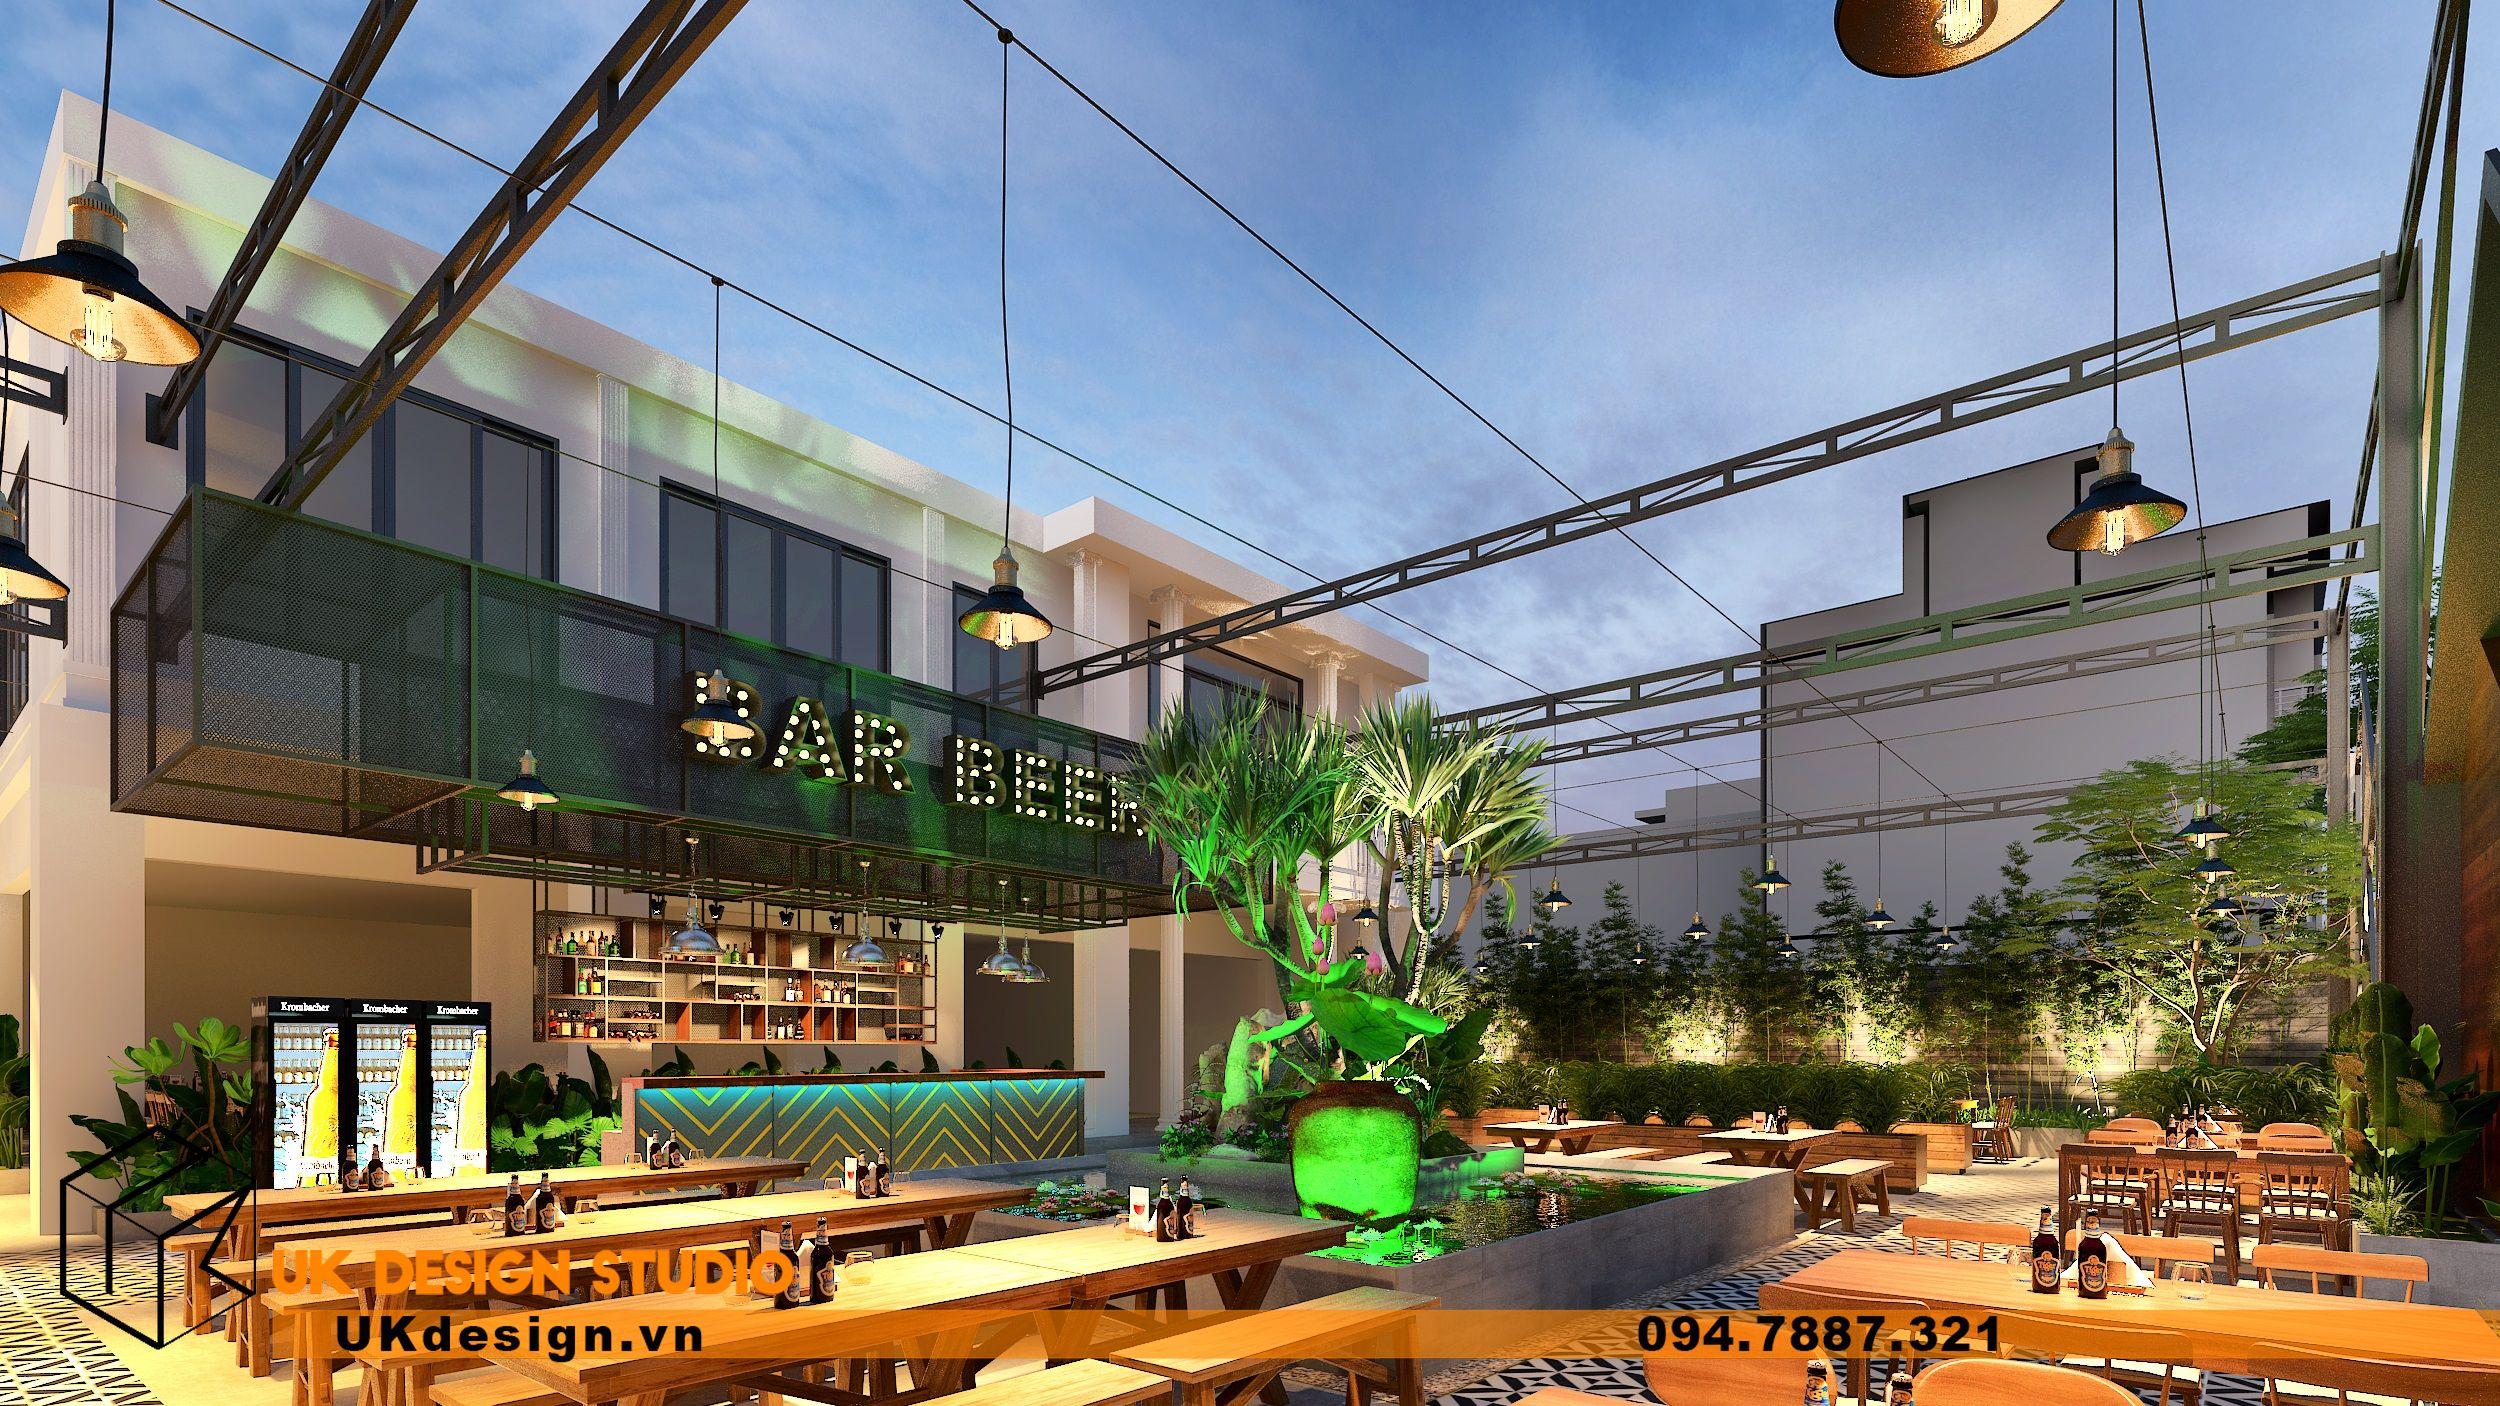 Thiết kế Beer Garden TÂN LONG HƯNG ở Vũng Tàu 3